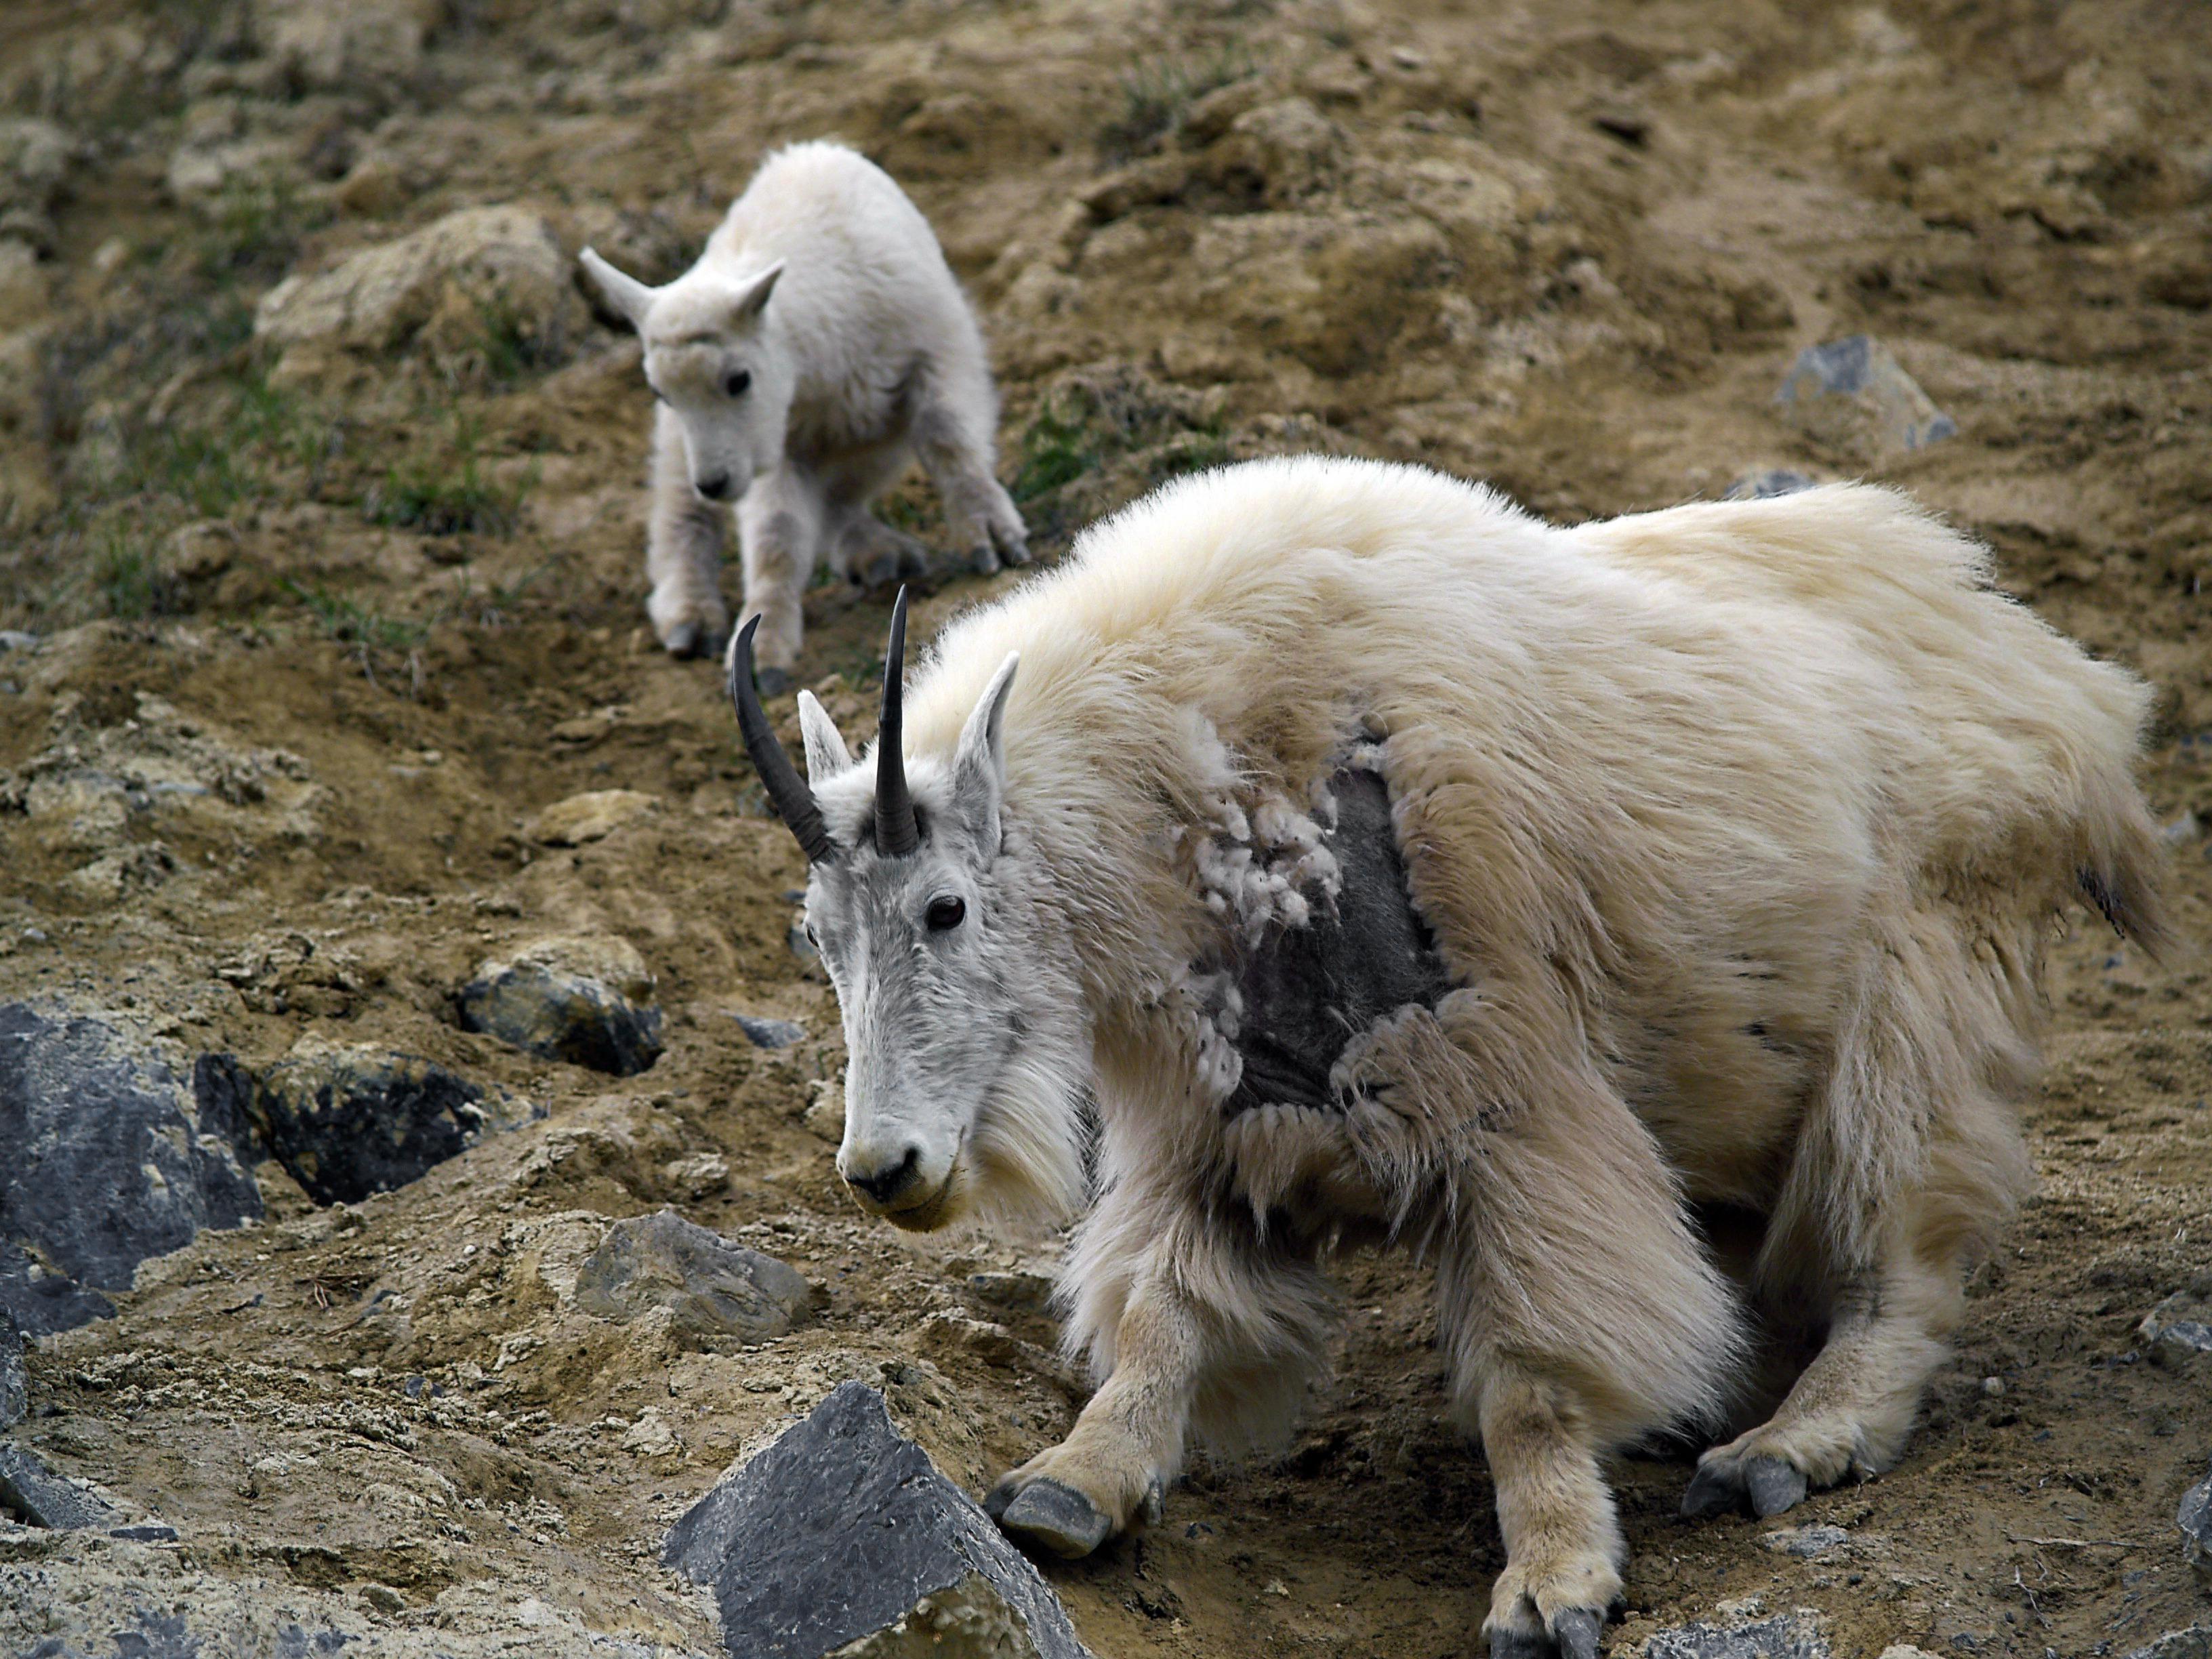 Images gratuites la nature montagne animal faune zoo - Photos de moutons gratuites ...